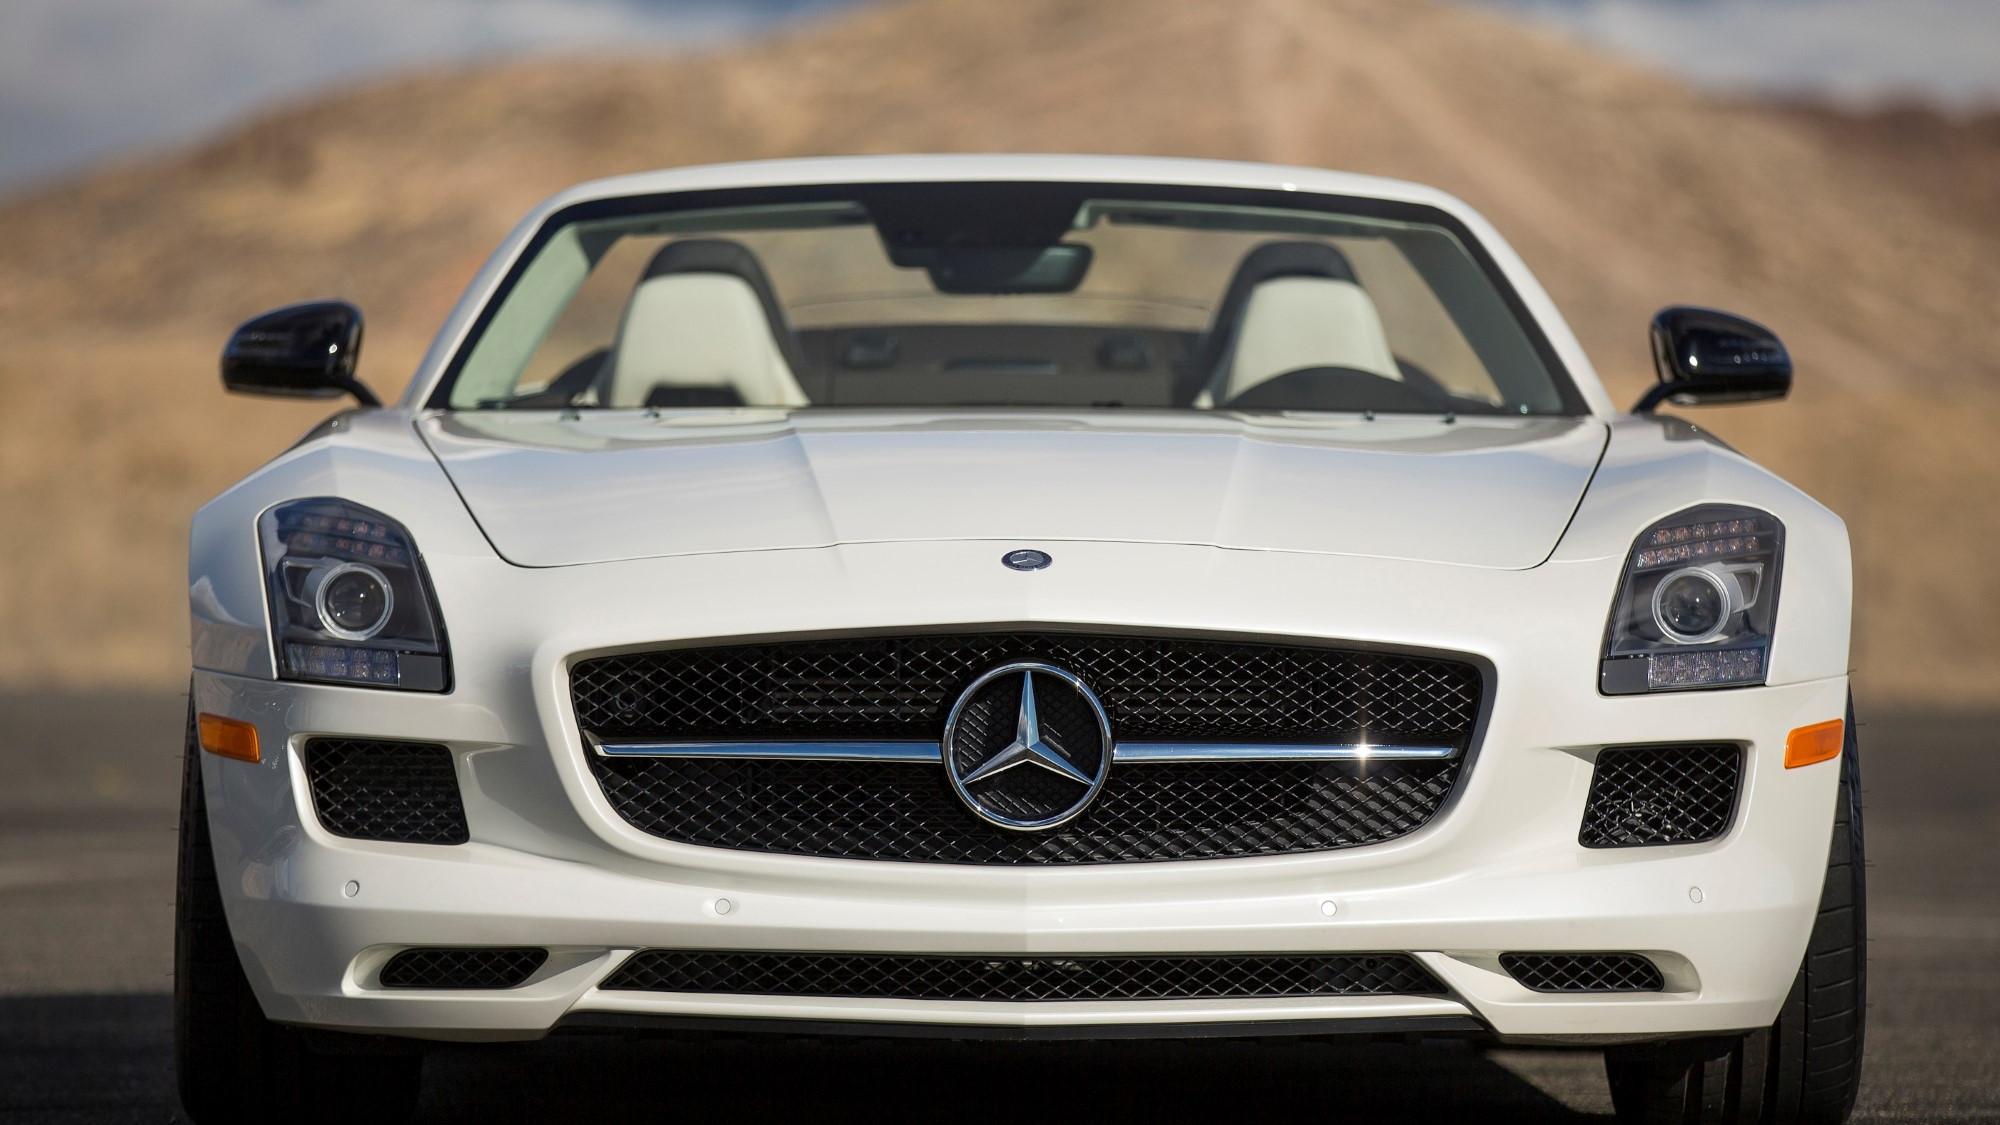 2013 Mercedes-Benz SLS AMG GT first drive